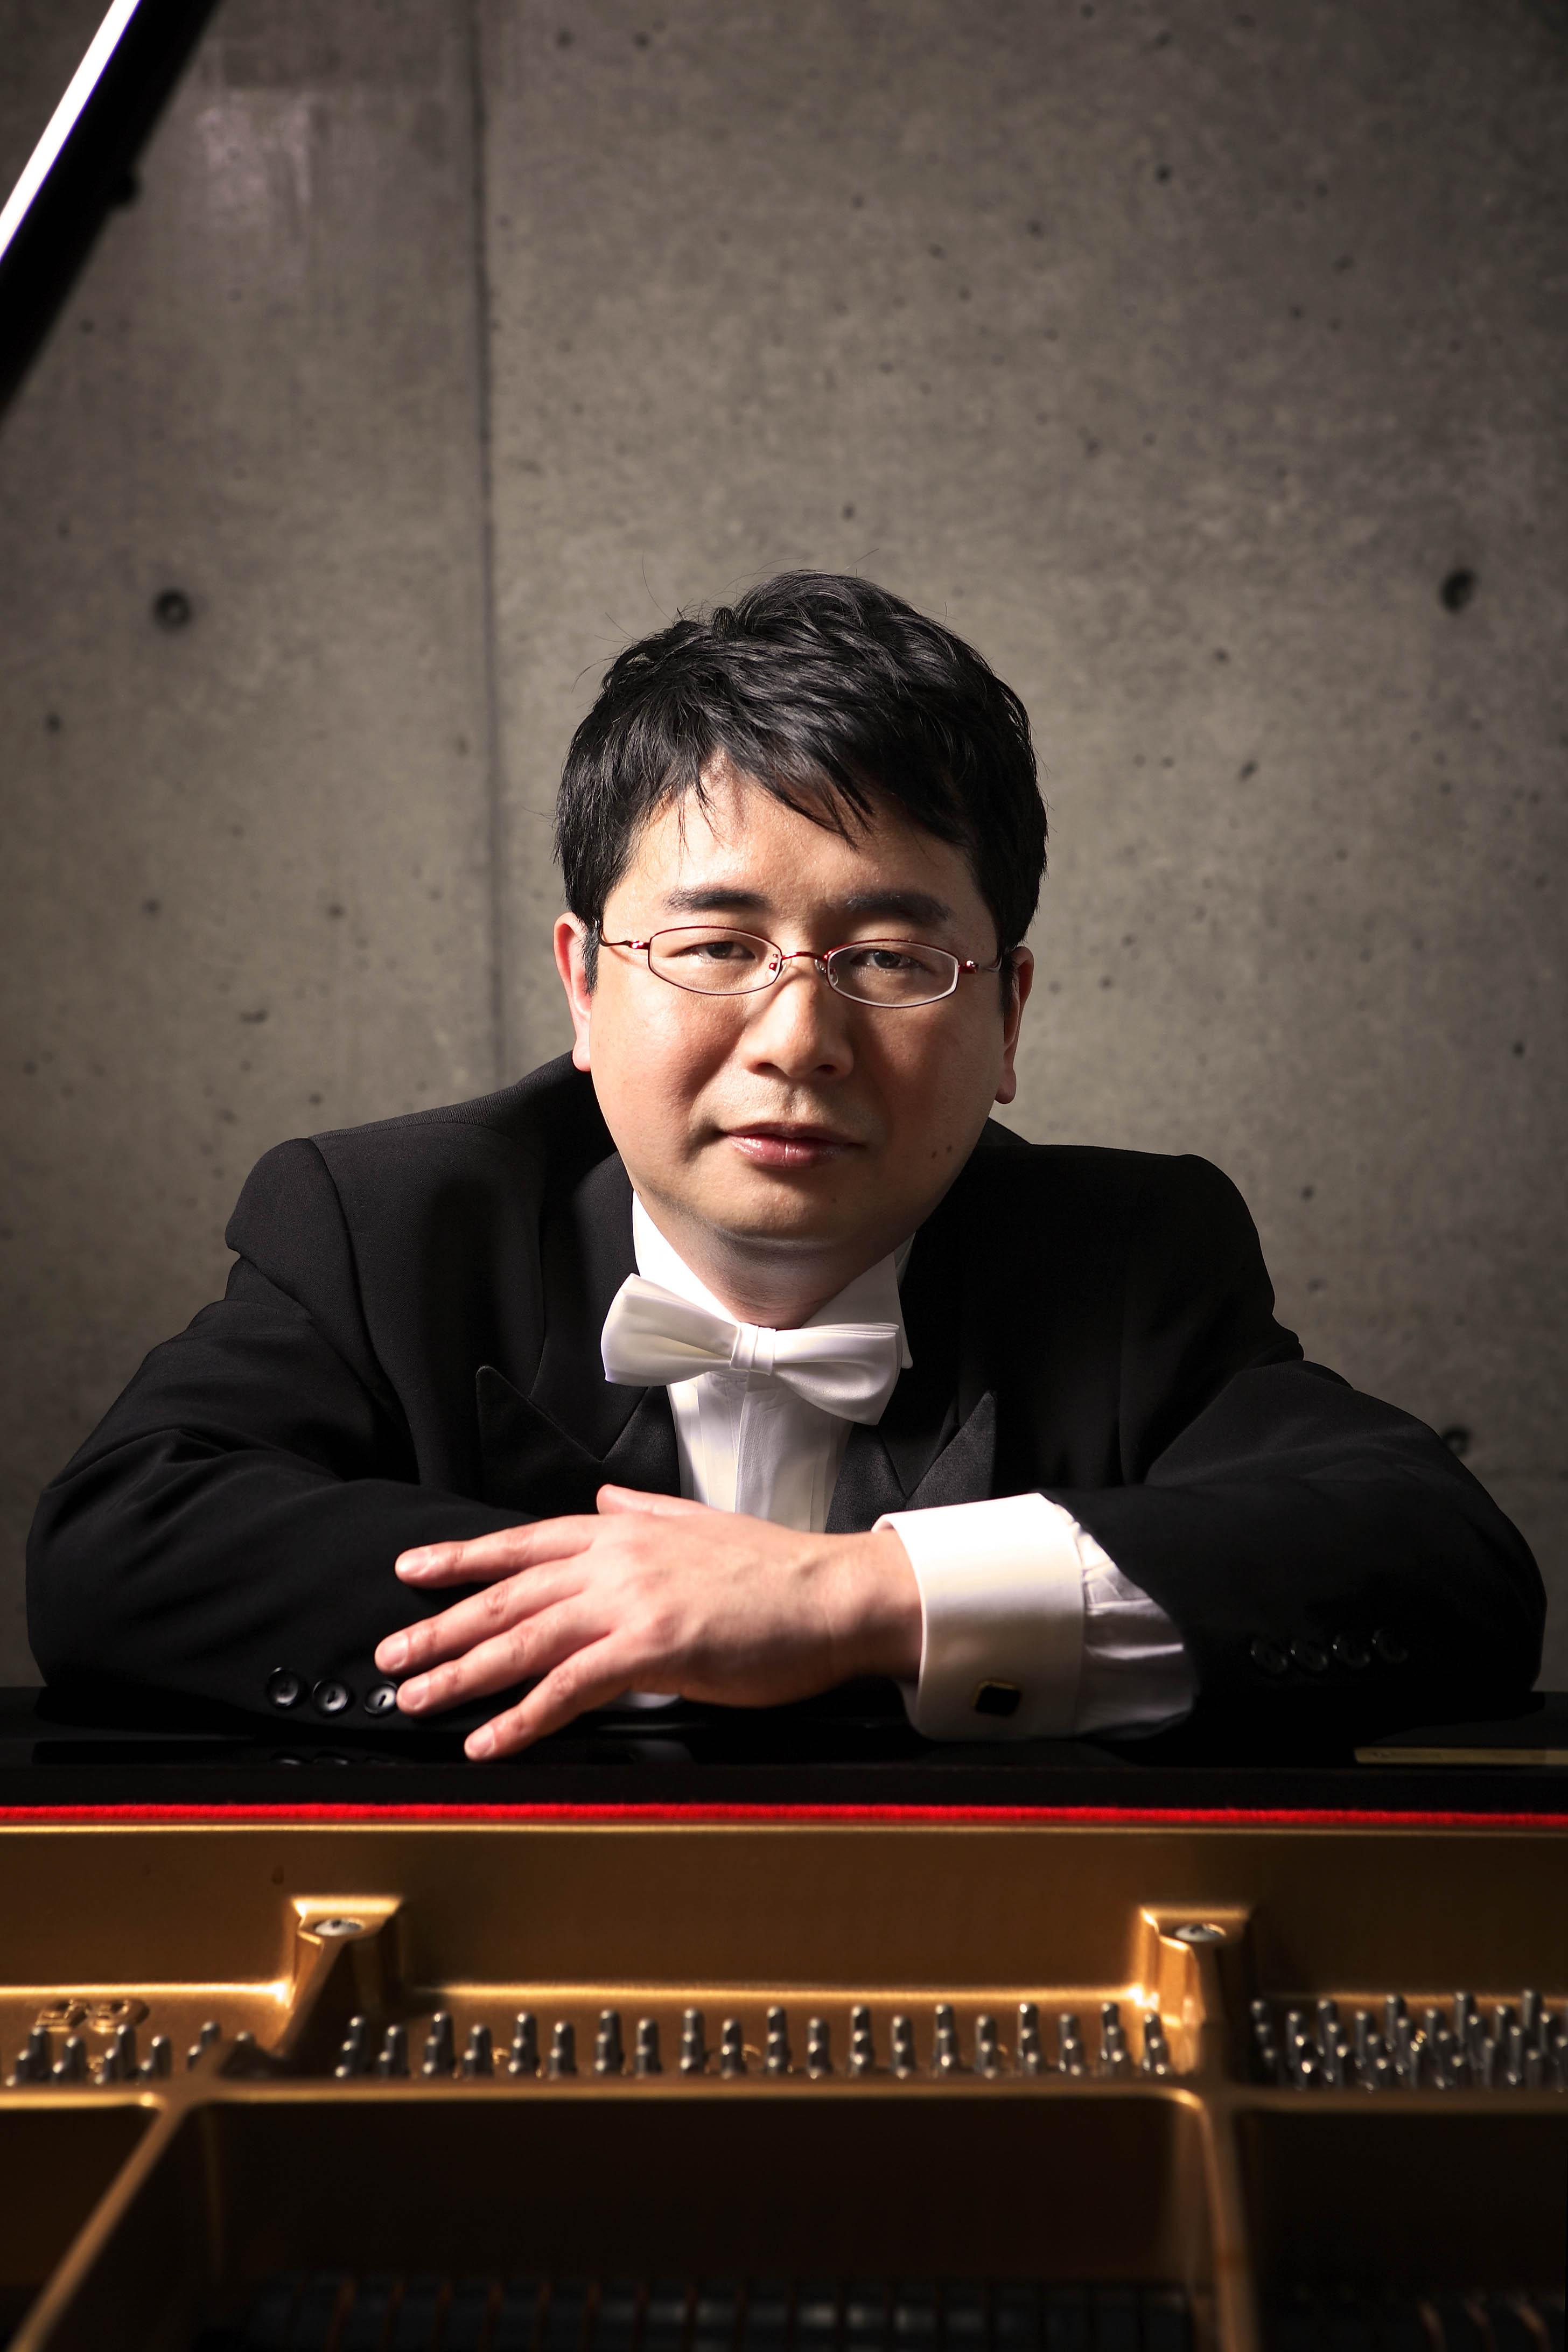 【まちかどコンサート】山田武彦ピアノ・リサイタルの画像